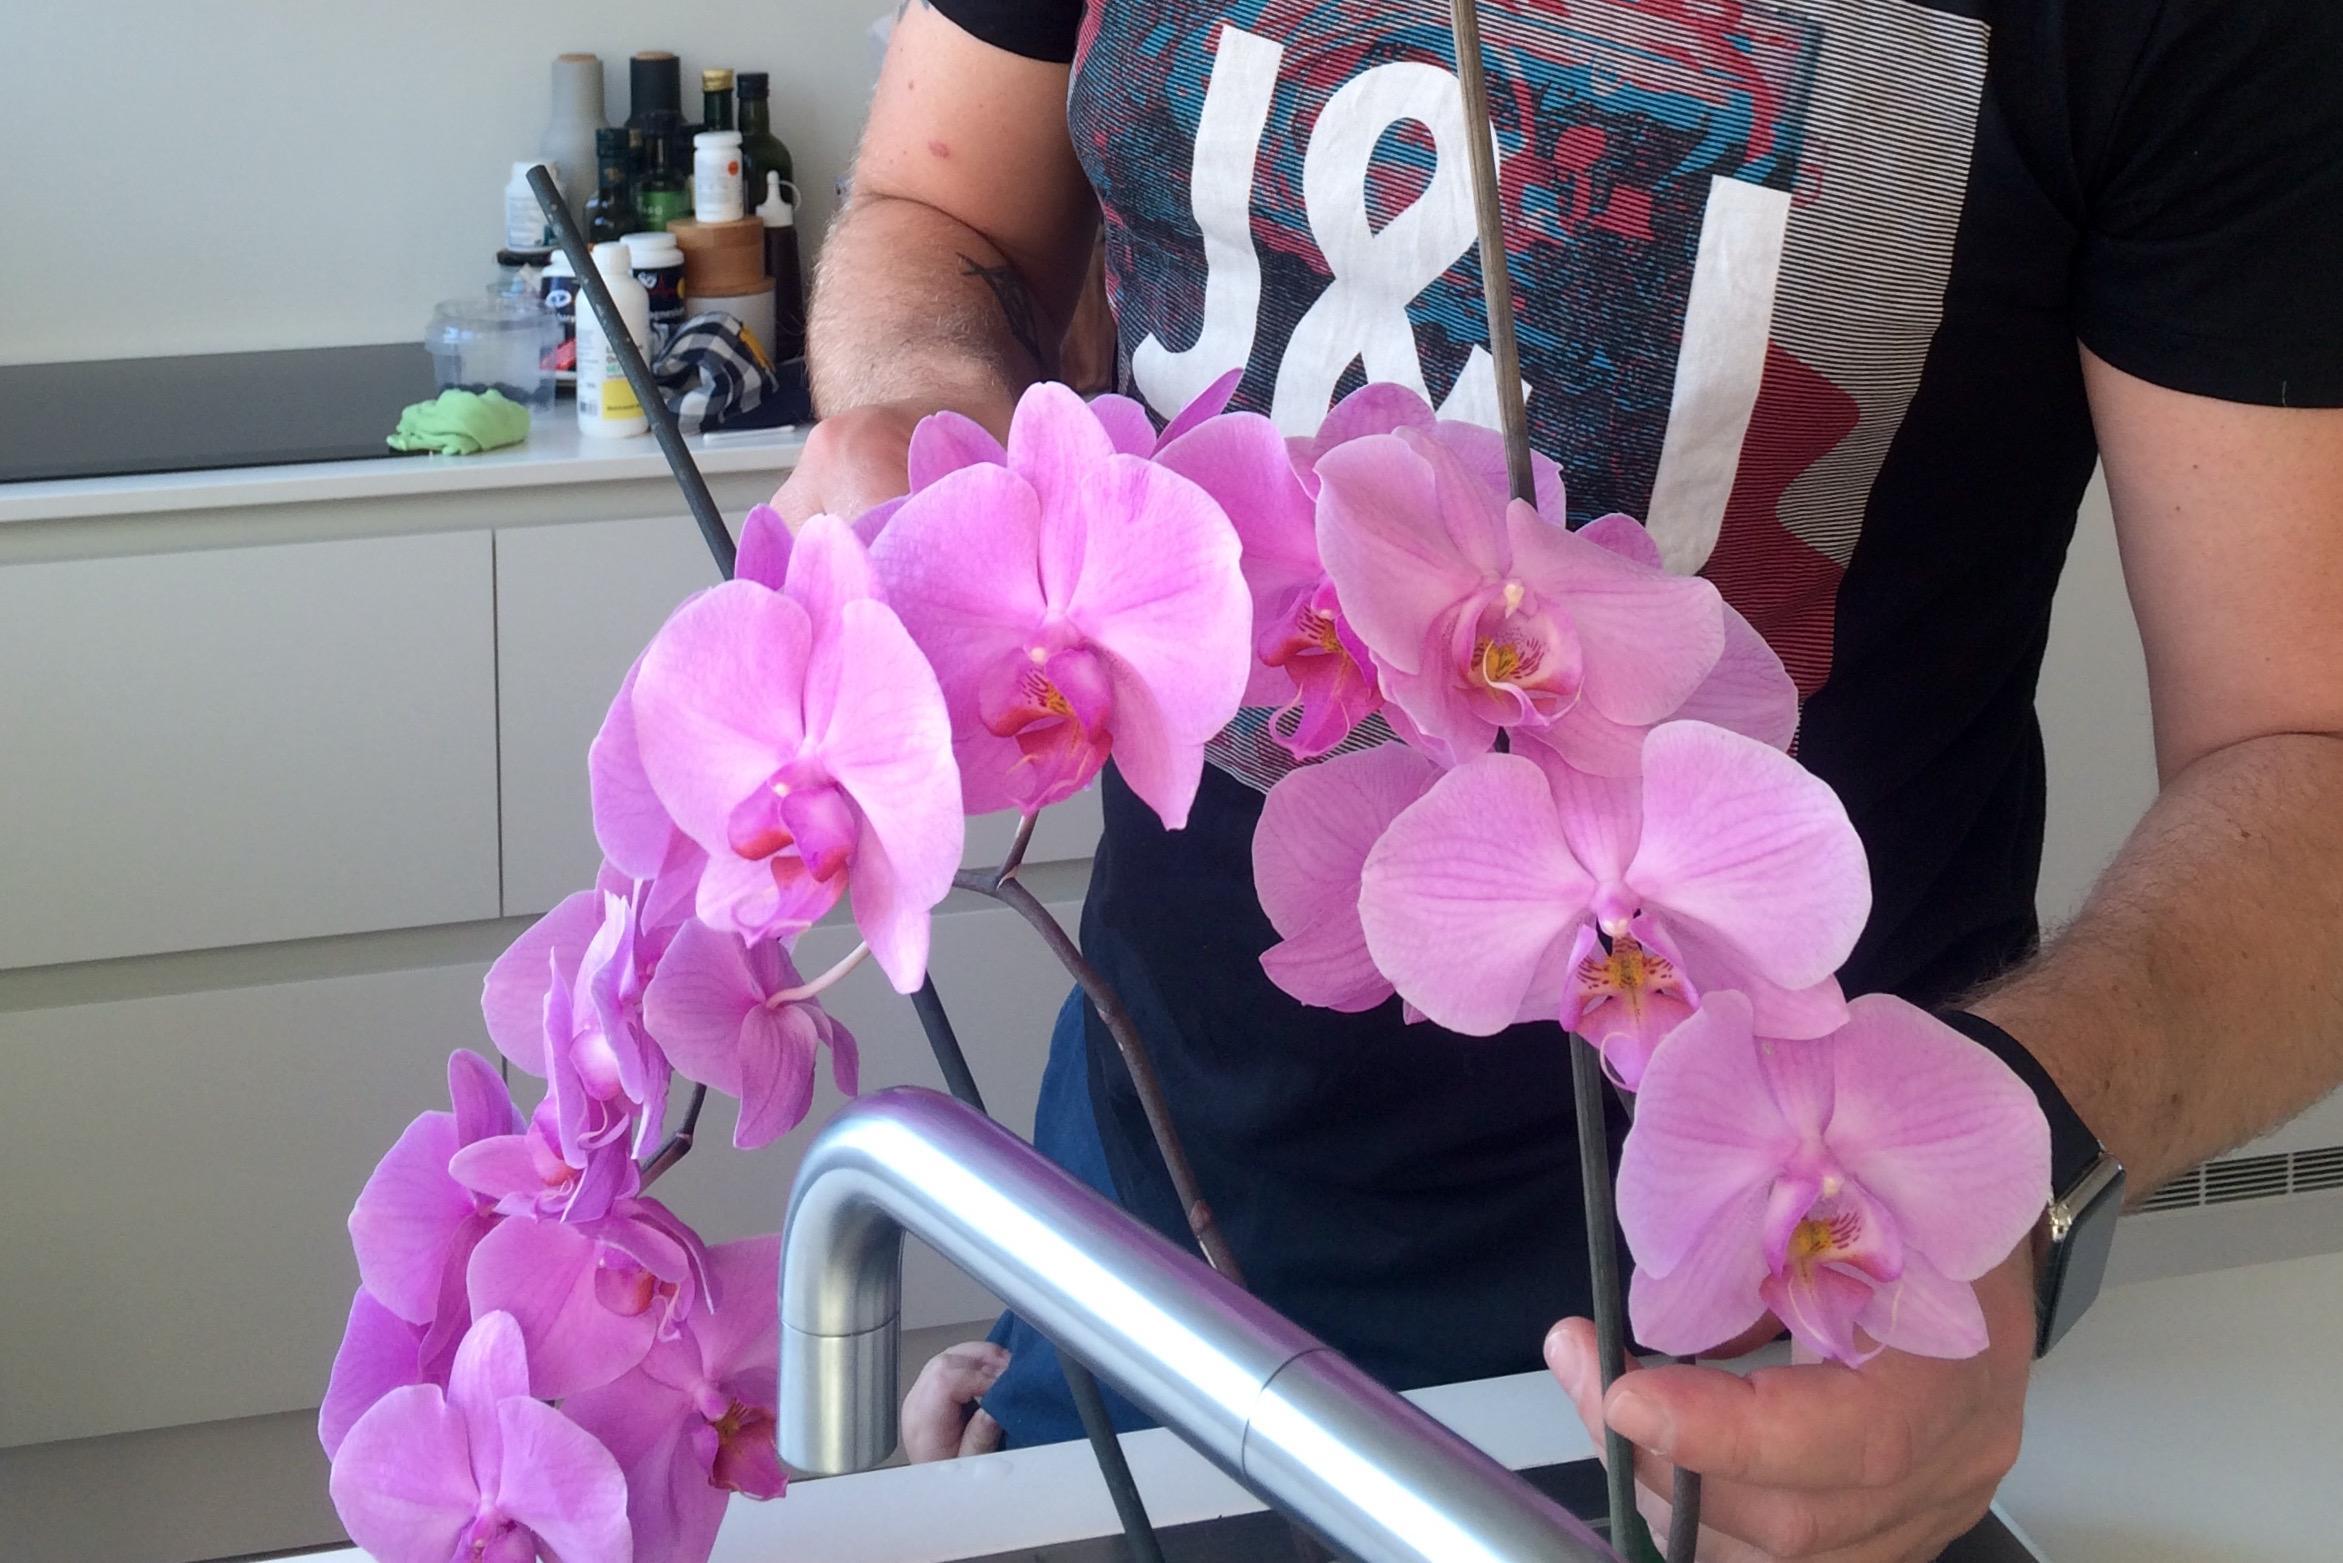 peter_vander_blomster.jpg